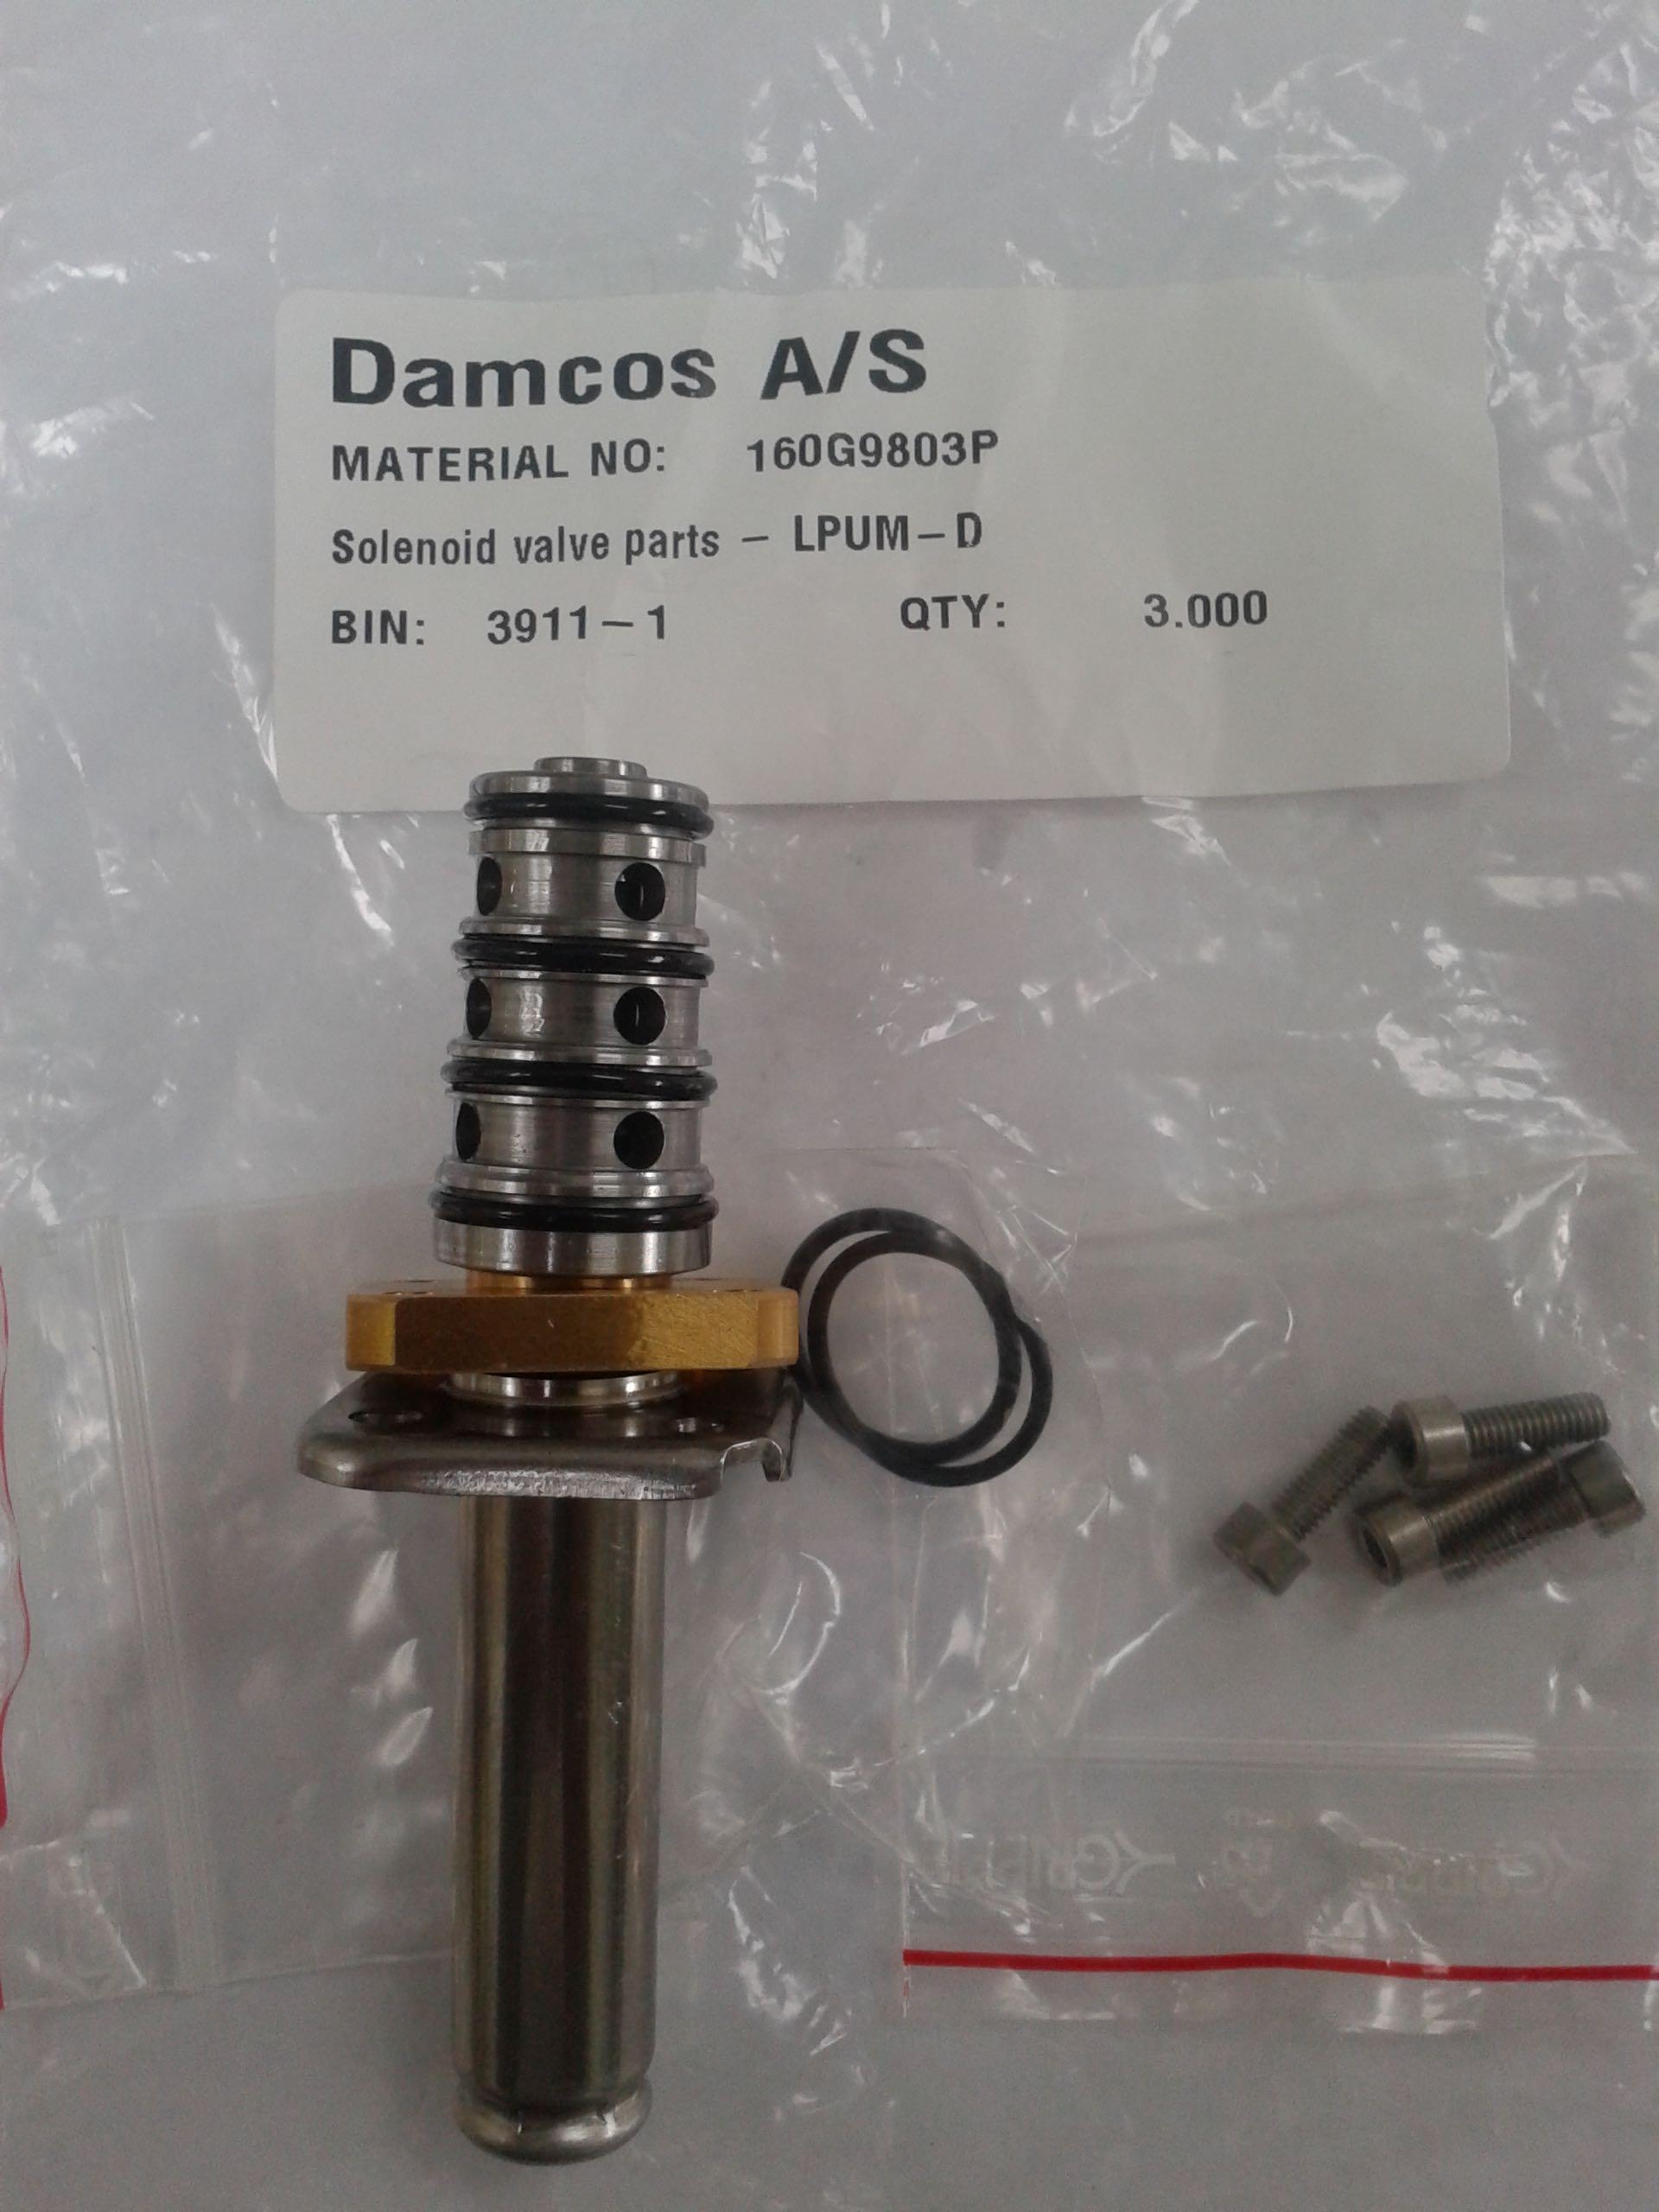 Damcos : Danfoss 160G9803P